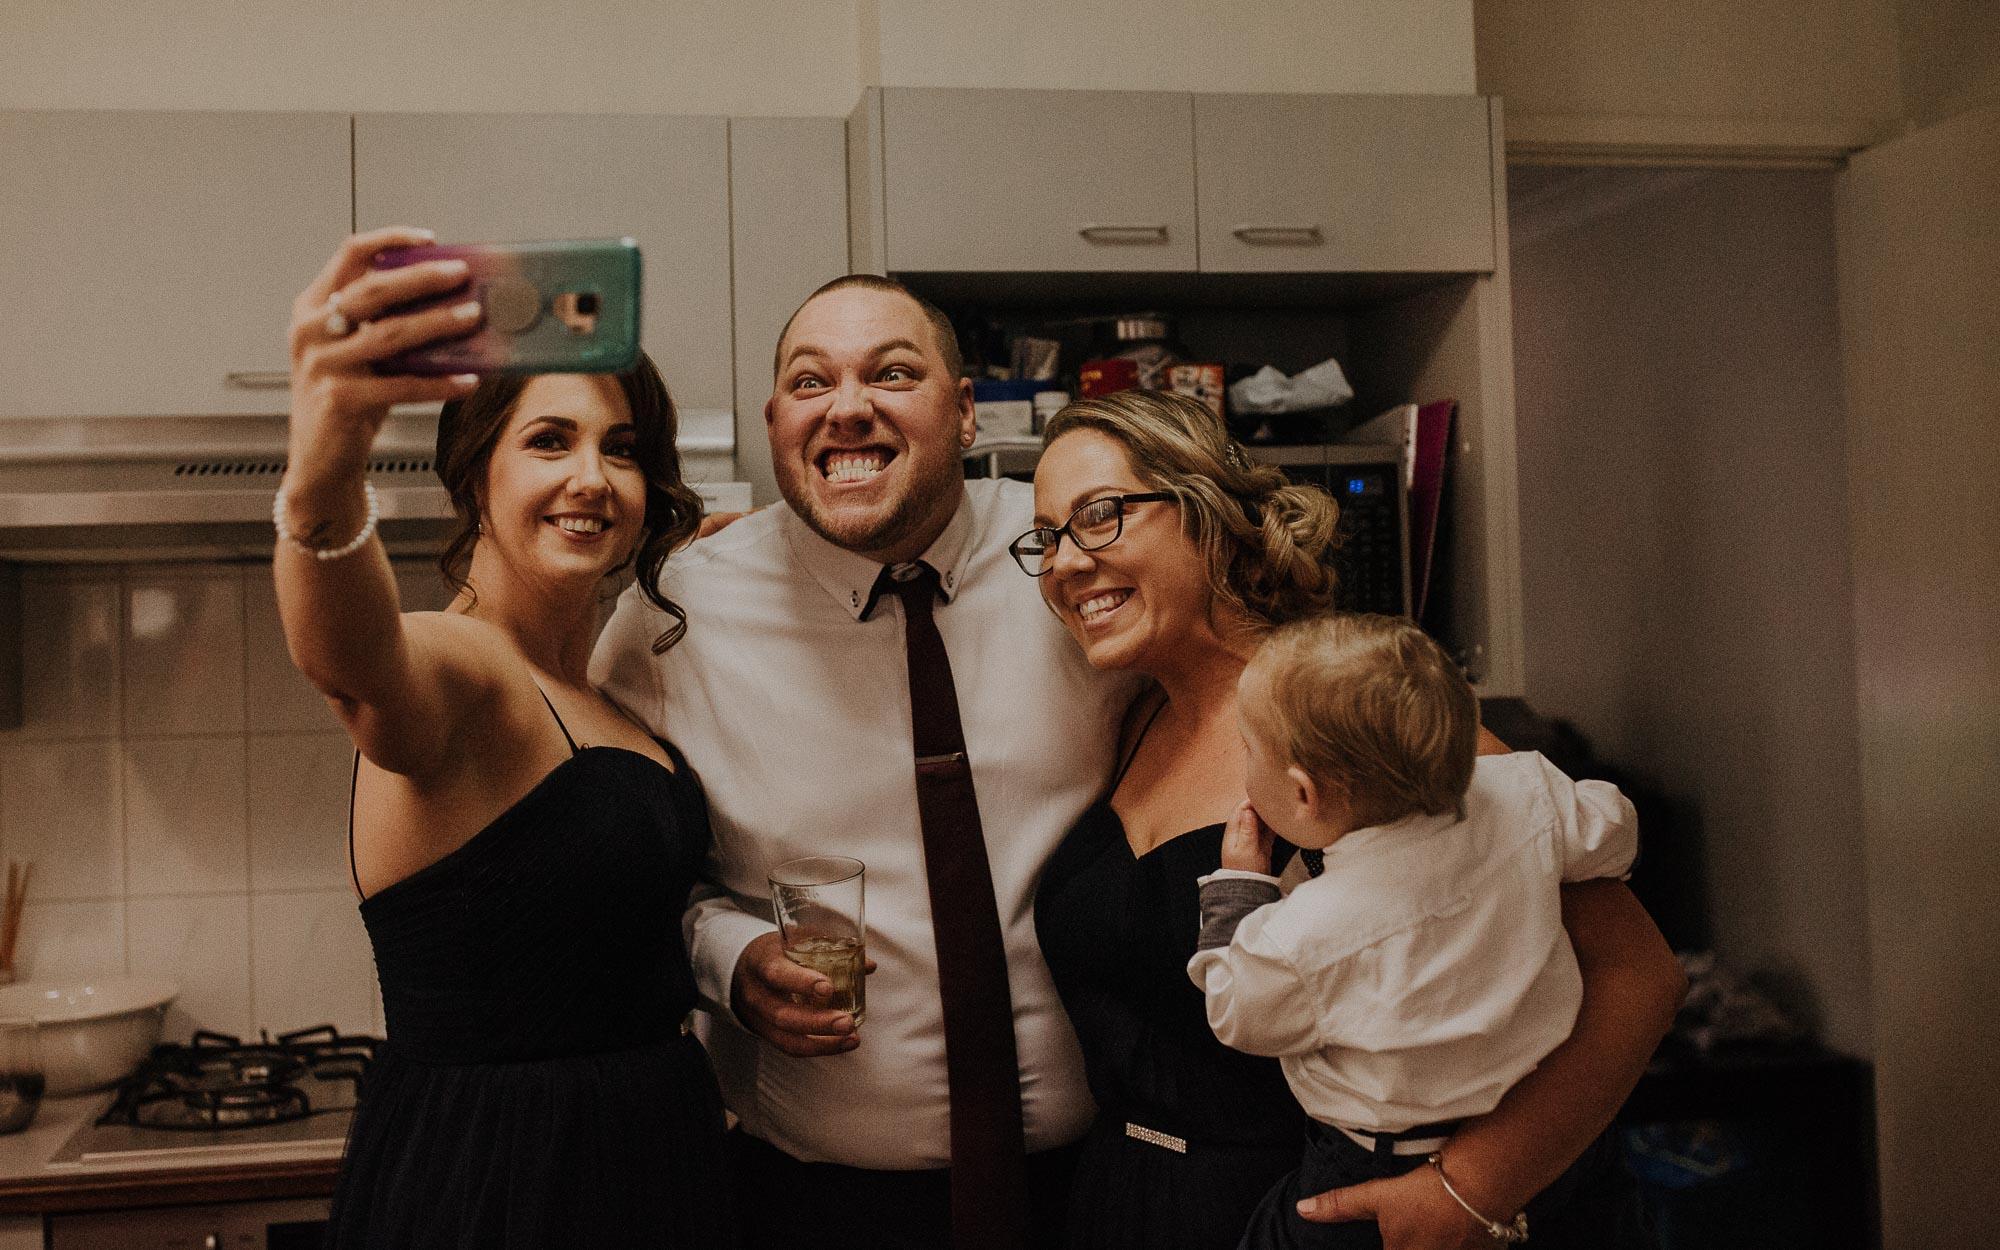 wedding-selfies.jpg